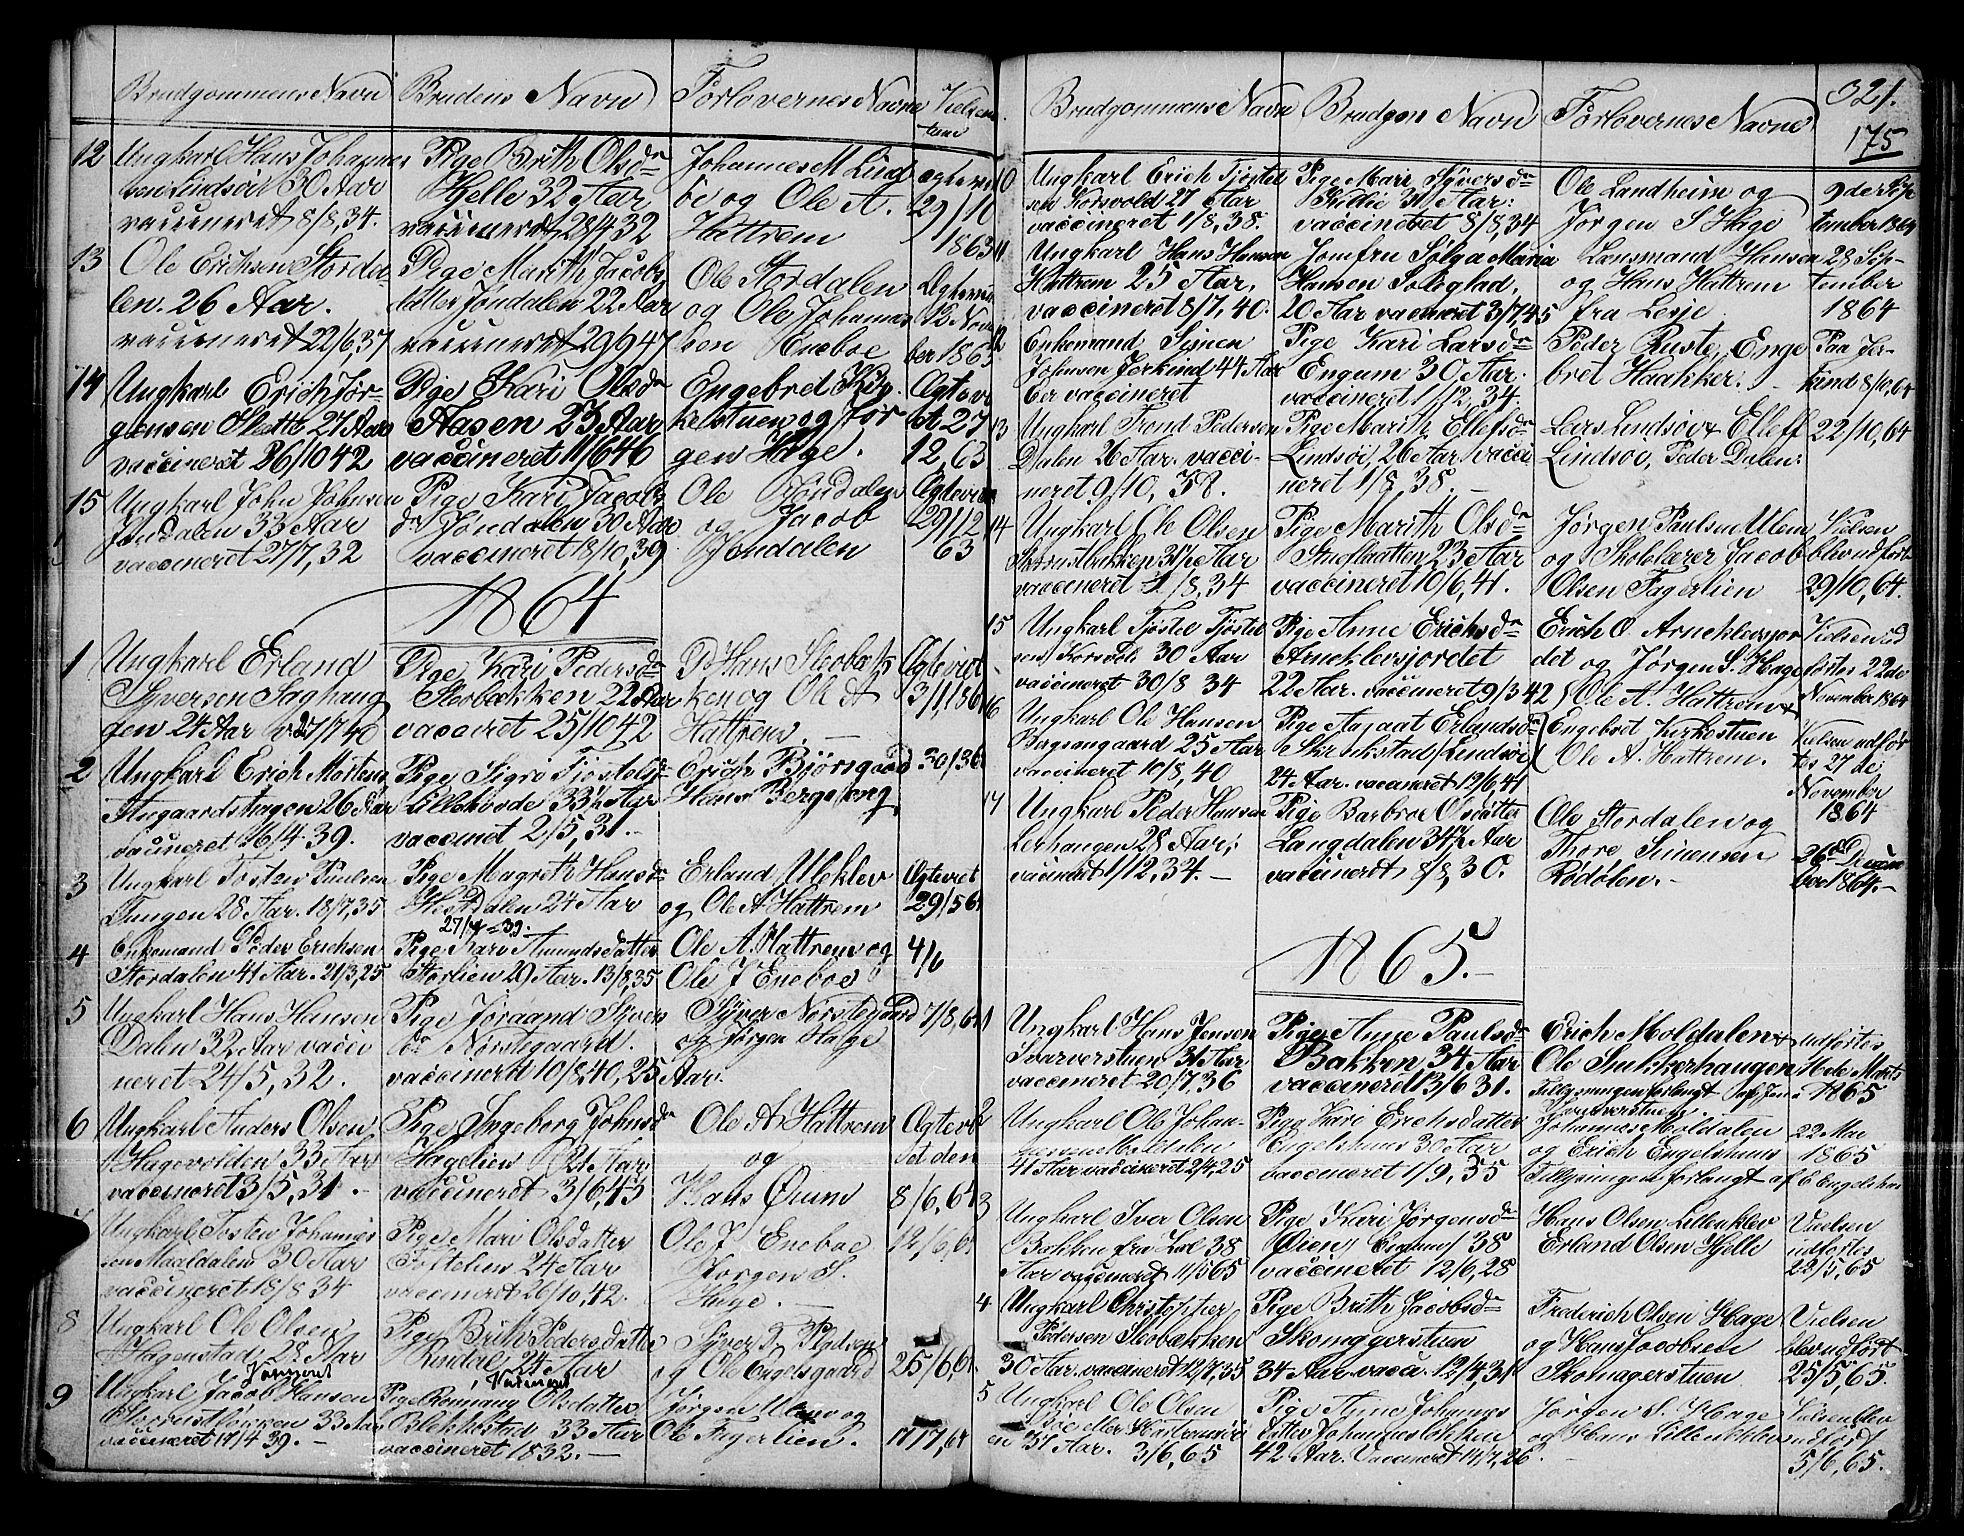 SAH, Dovre prestekontor, Klokkerbok nr. 1, 1862-1880, s. 321